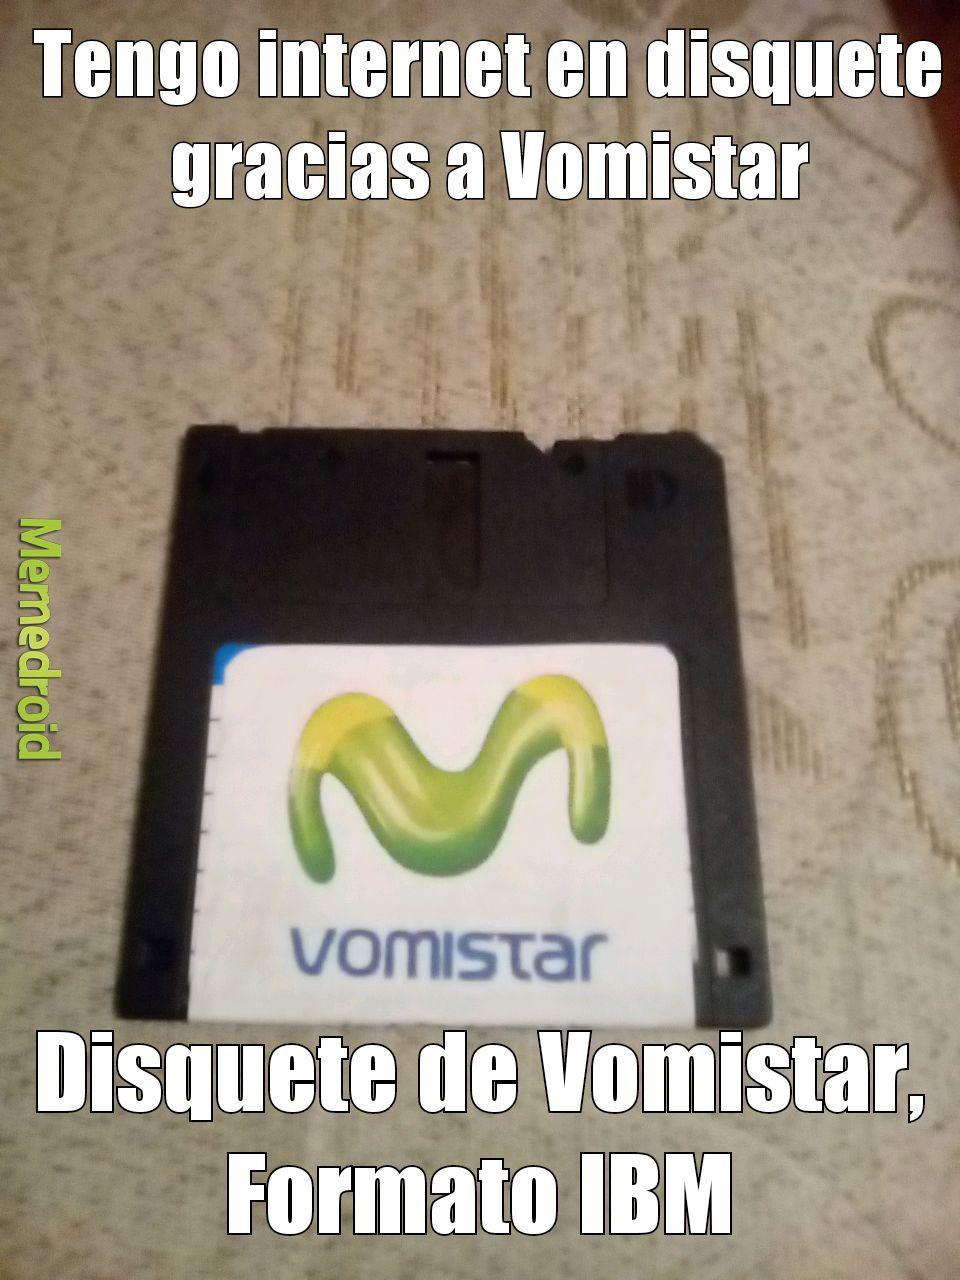 Estos de Vomistar ahora tienen internet en disquetes, formato IBM - meme